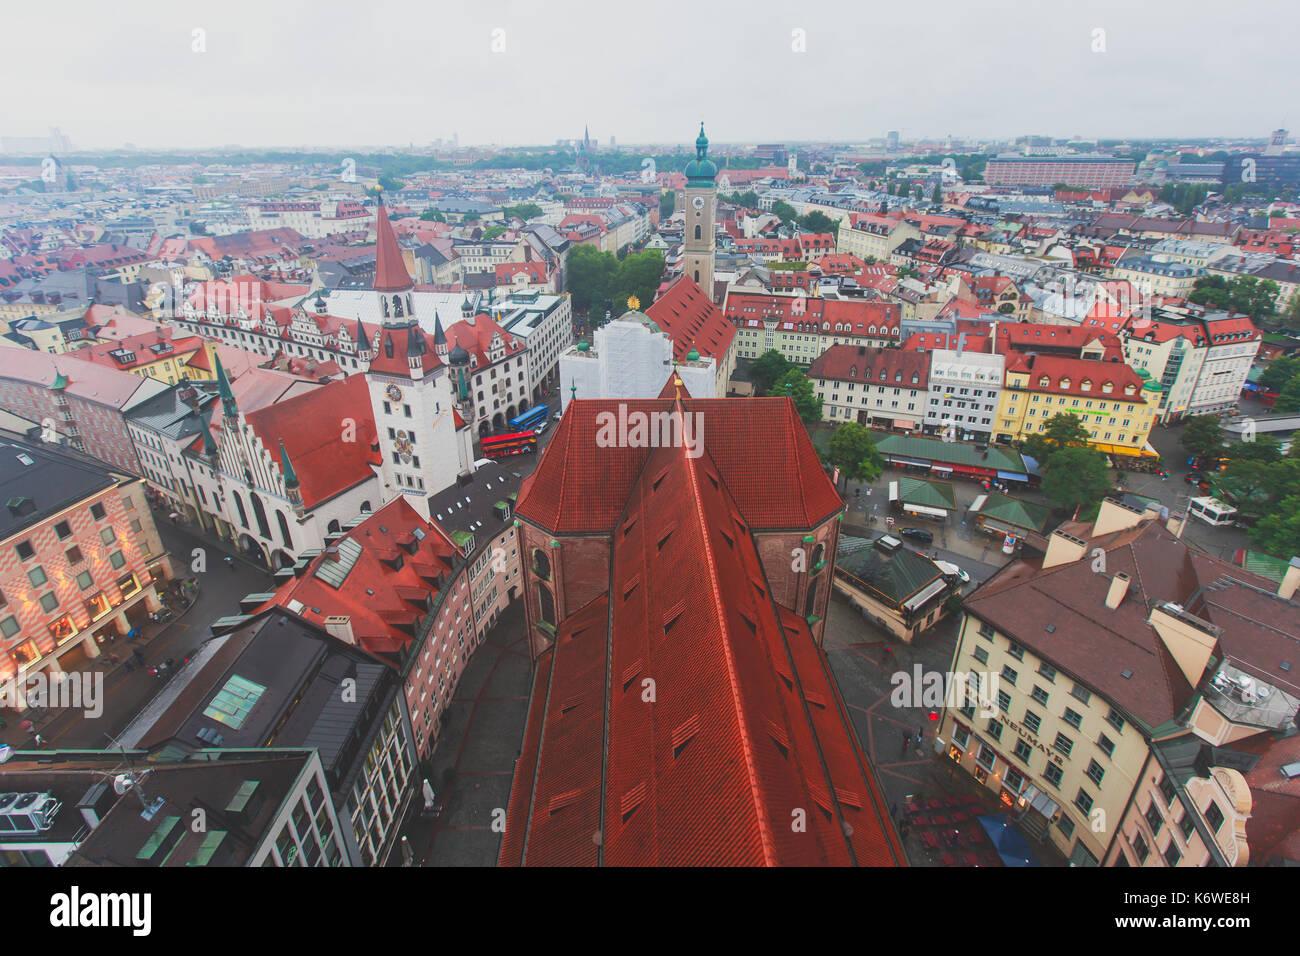 Super bello ampio angolo soleggiato vista aerea di Monaco di Baviera, Baviera, Germania con skyline e il paesaggio oltre la città, visto dall'altezza Immagini Stock